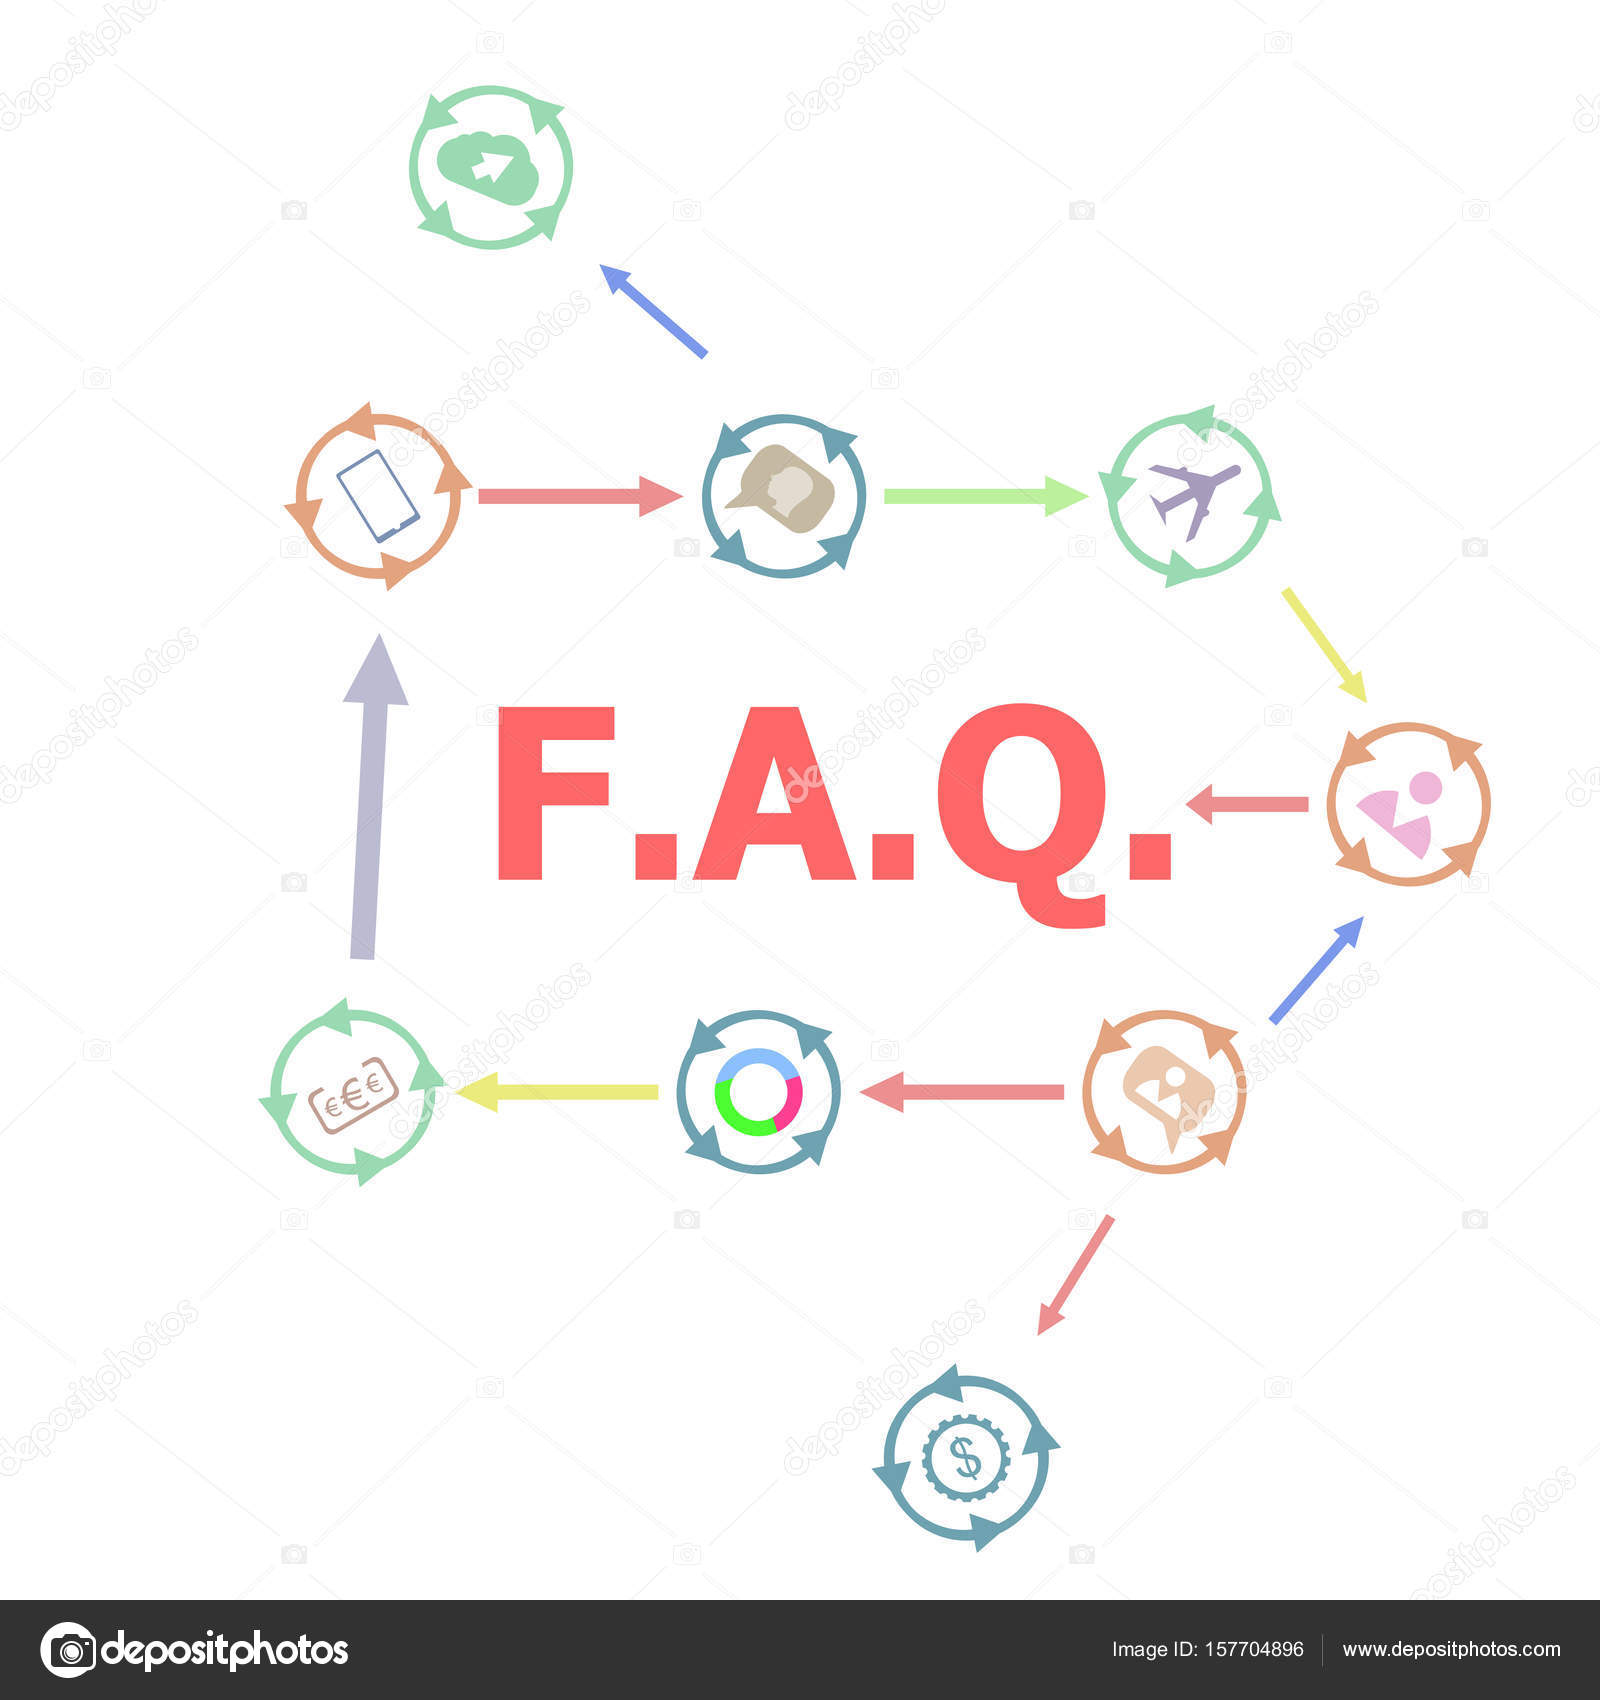 ερωτήσεις που χρονολογούνται από τις ιστοσελίδες υποδείξεις και συμβουλές για dating